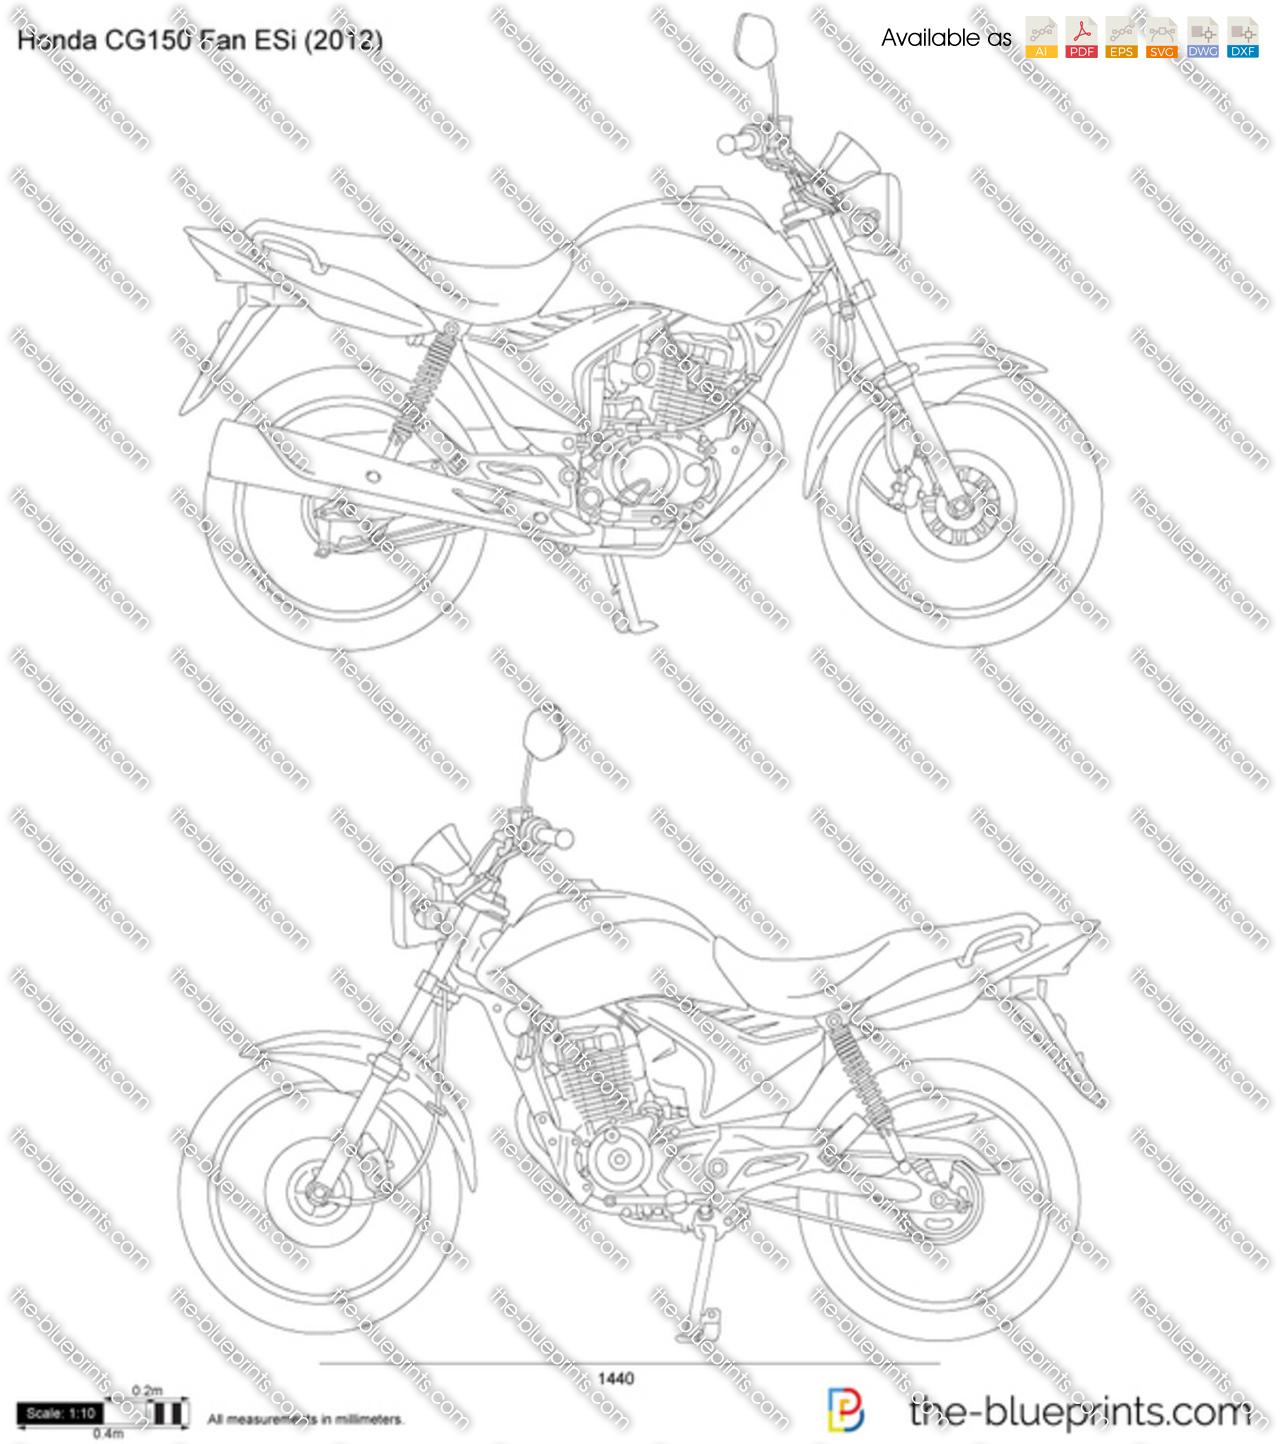 Honda Color Chart >> Honda CG150 Fan ESi vector drawing